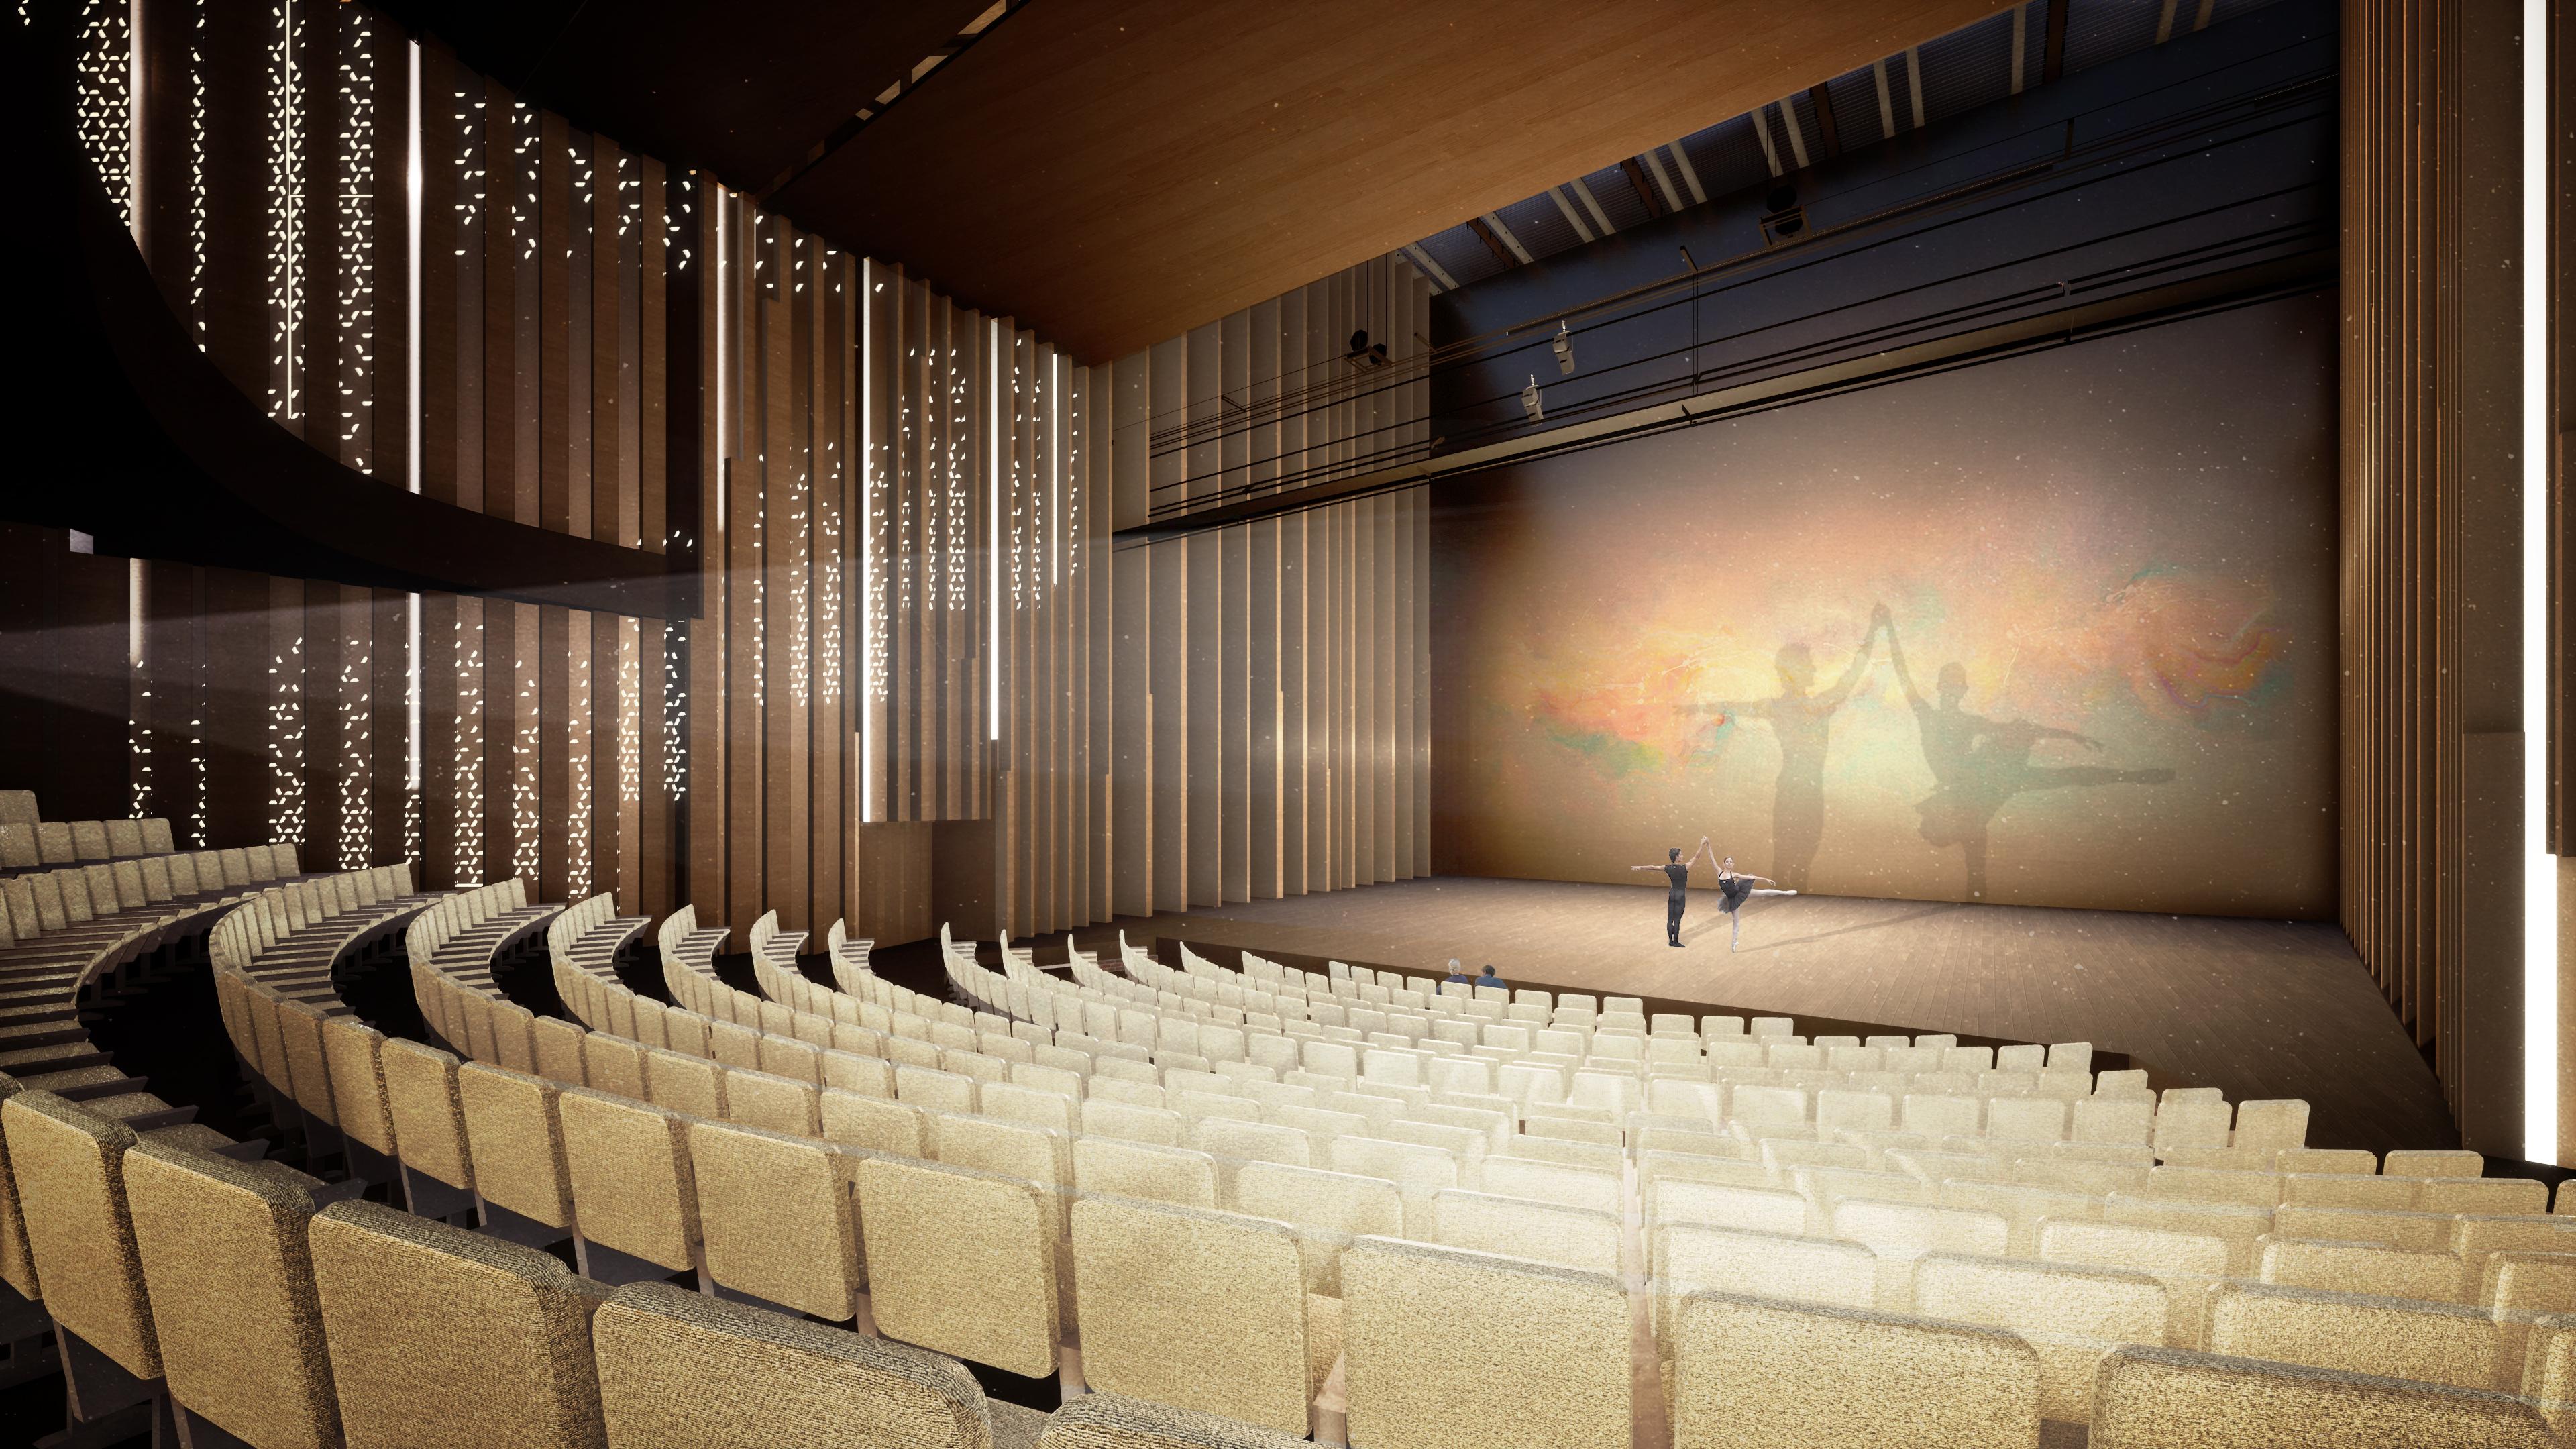 <p>Grote Zaal. Theater aan de Parade door NOAHH   Network Oriented Architecture</p>